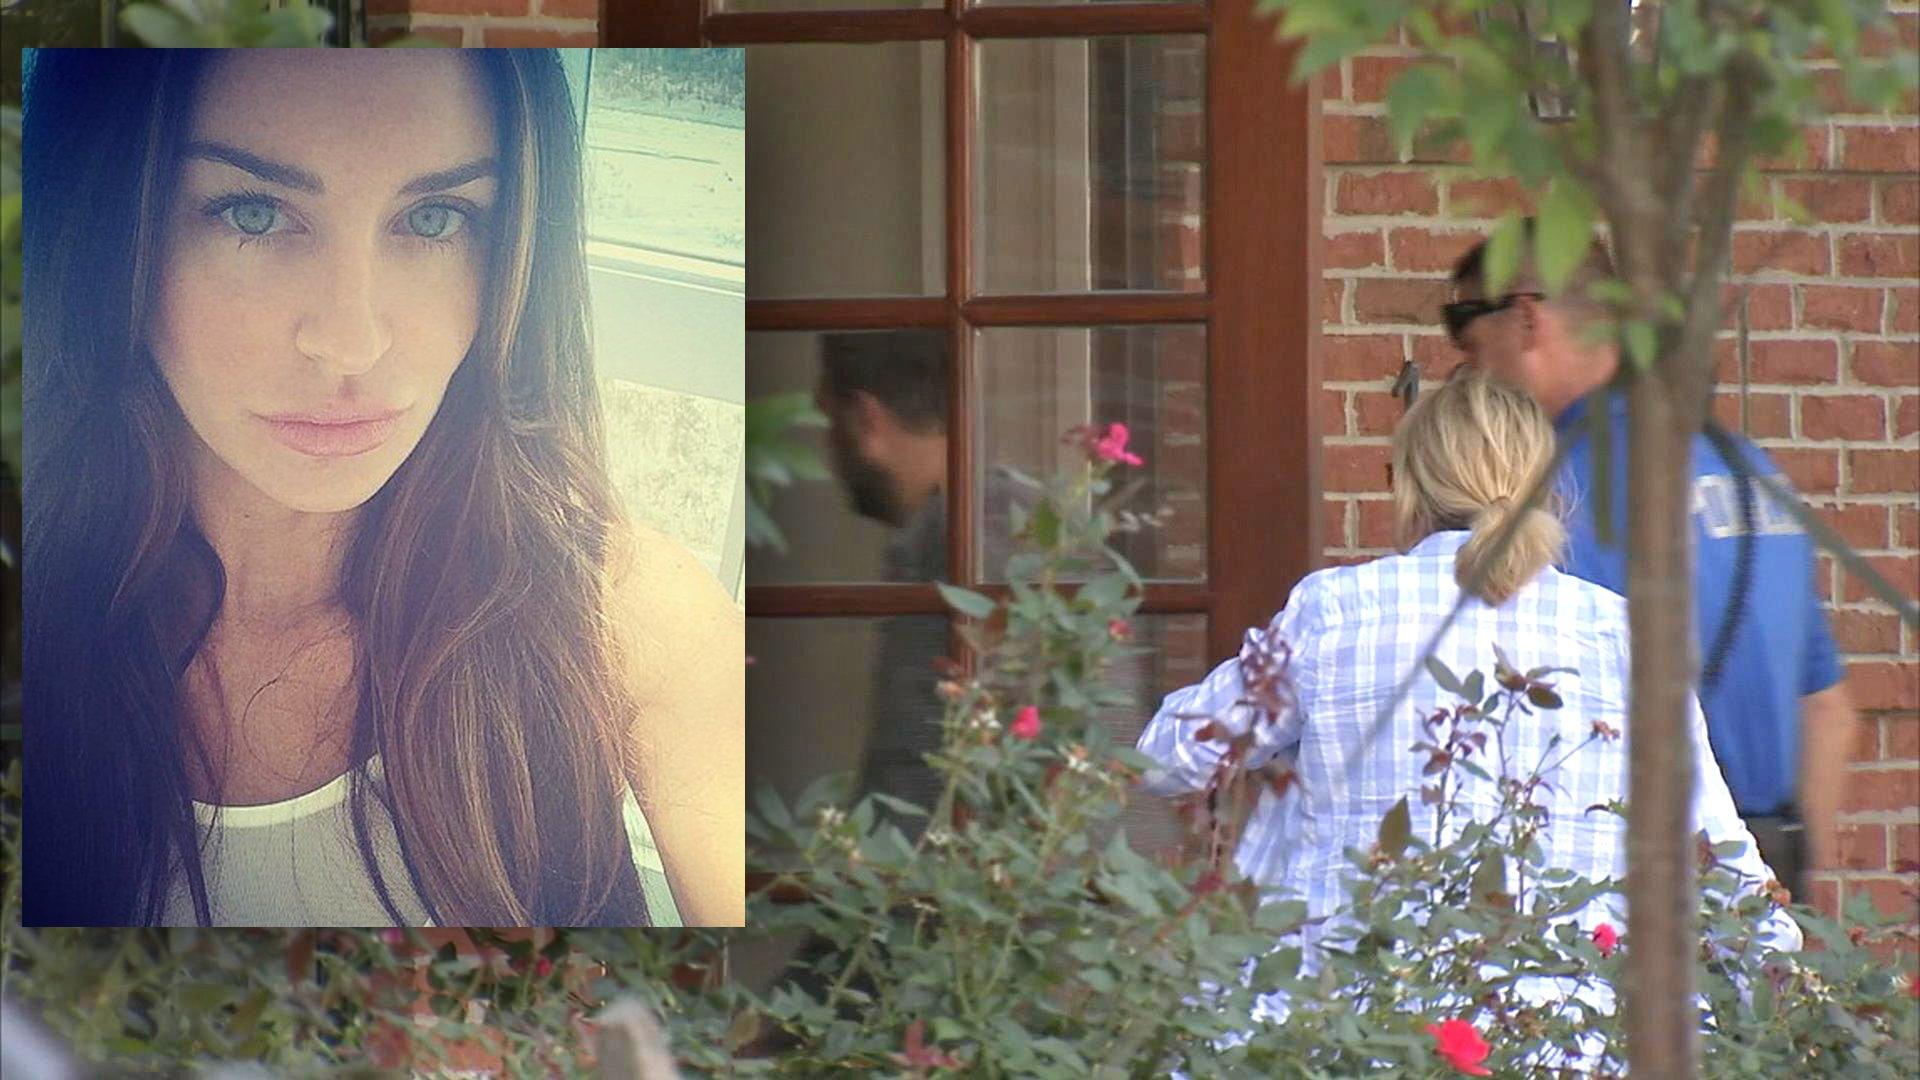 العثور على عارضة بلاي بويمقتولة خنقًا في منزلها